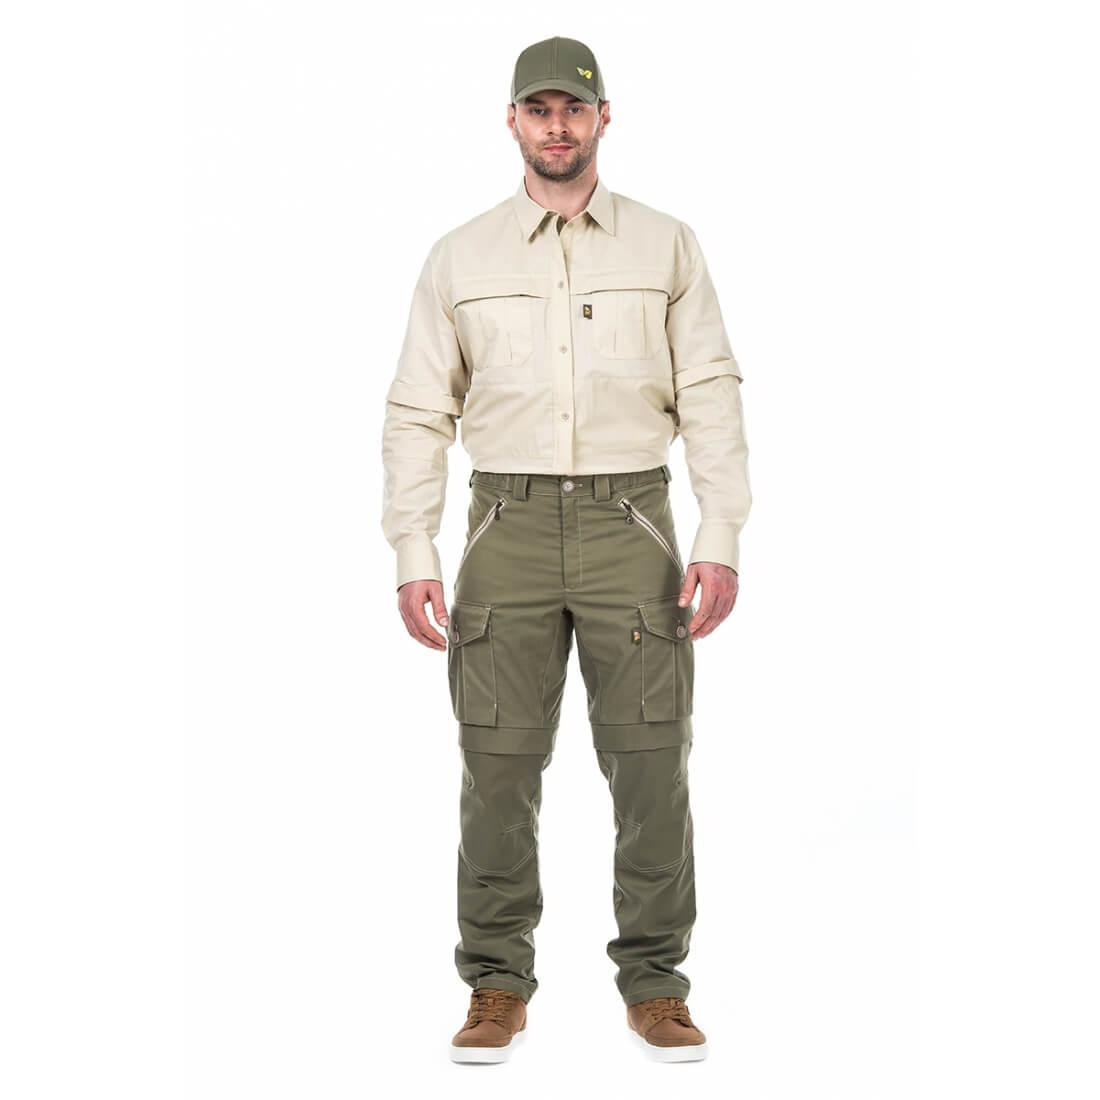 Мужская противоэнцефалитная рубашка Биостоп® Комфорт